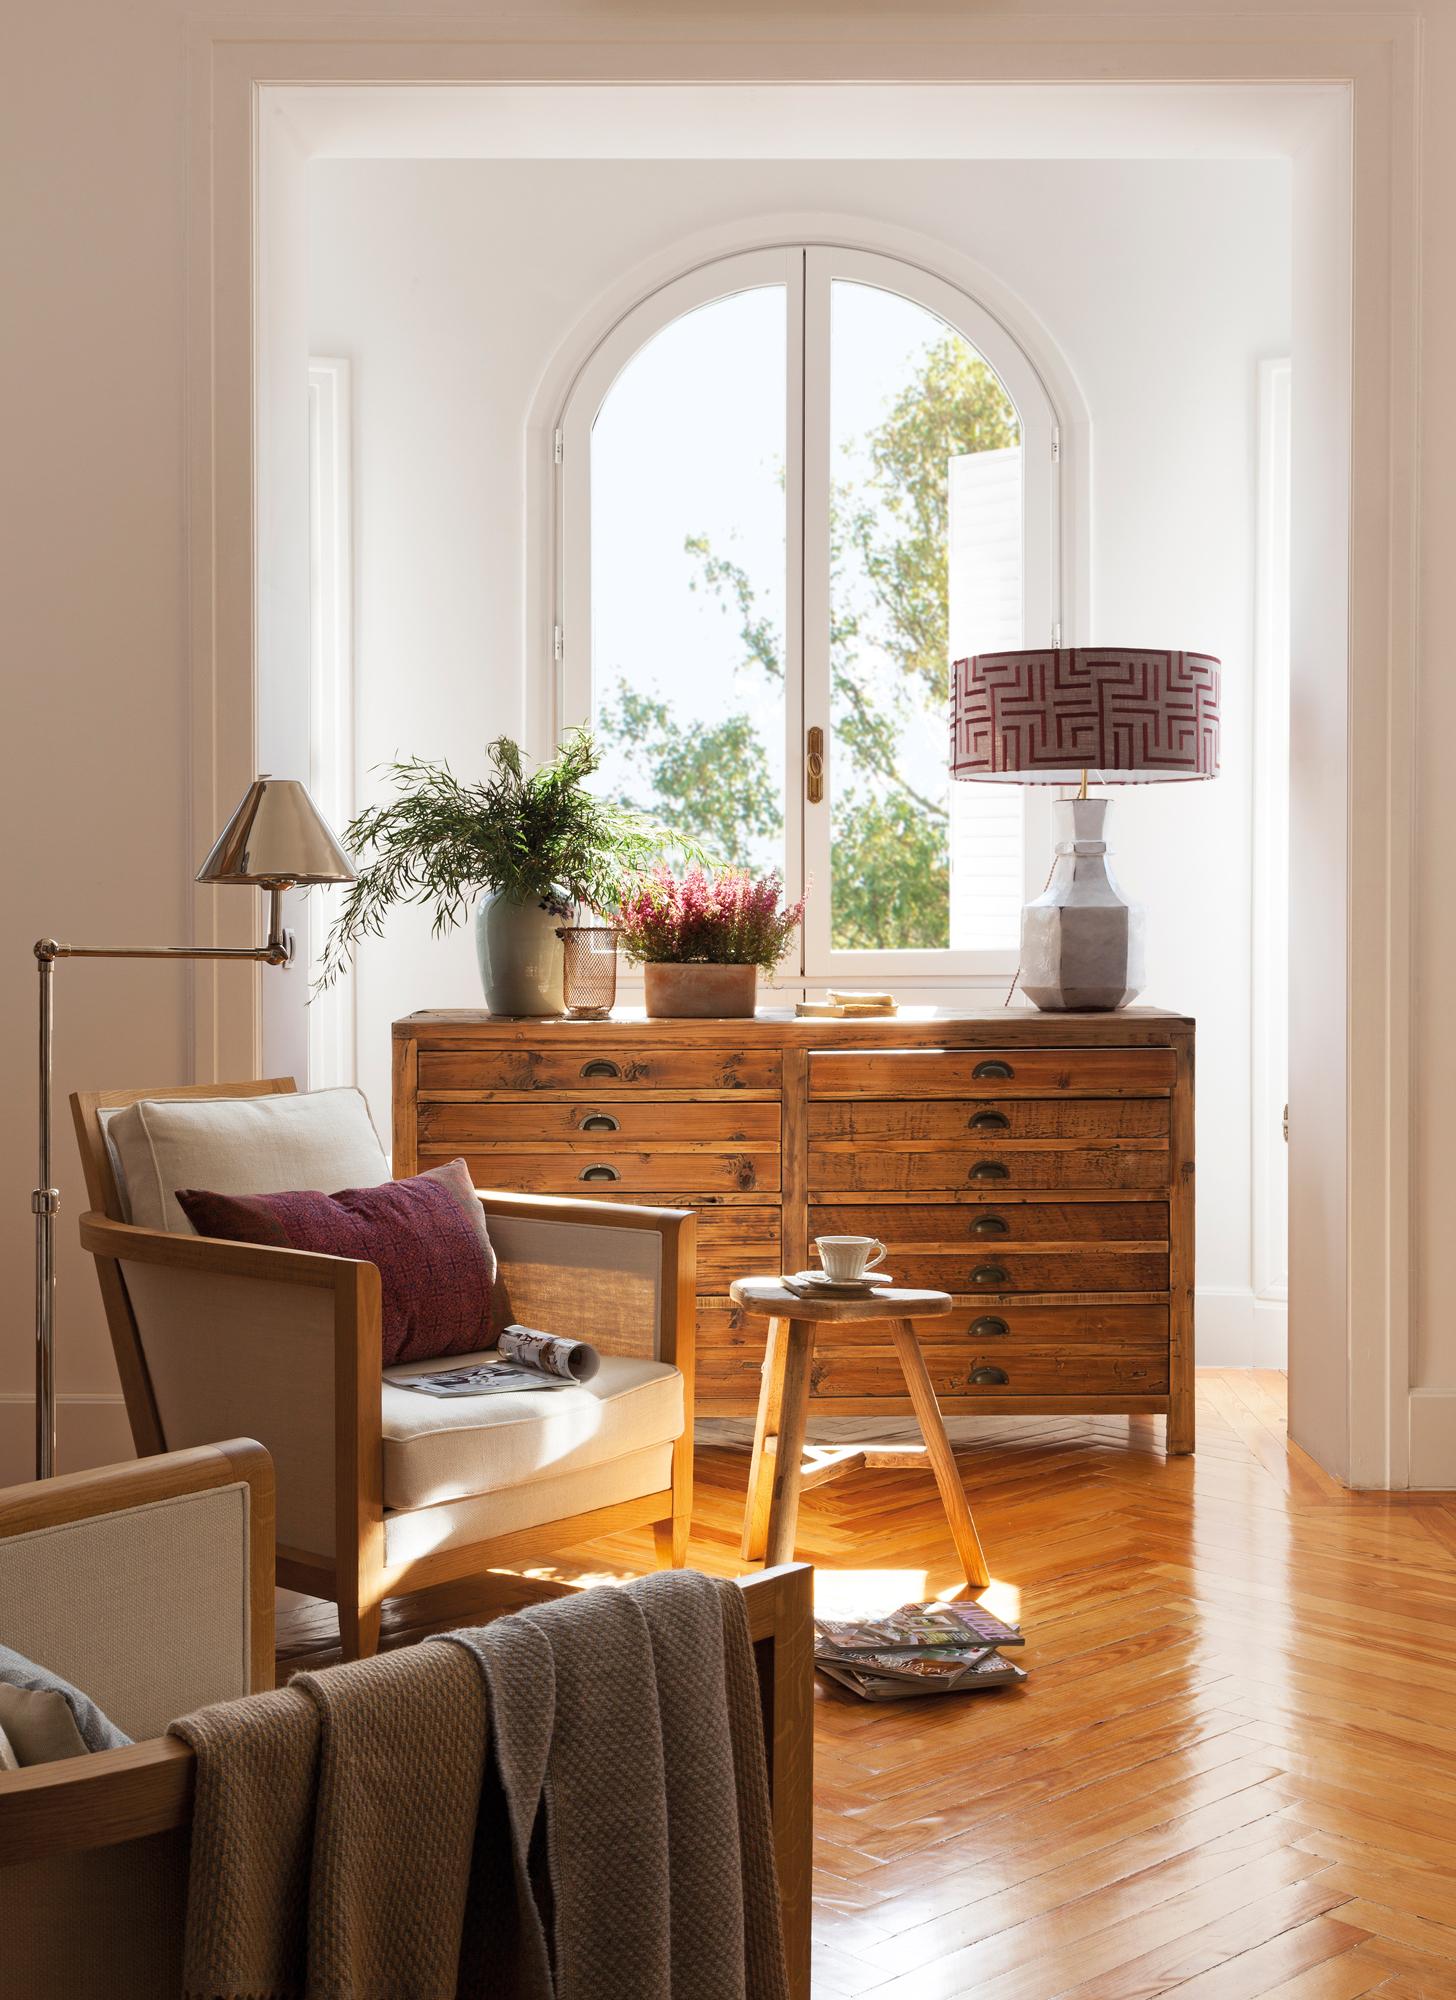 Butacas Sillones Y Butacas C Modas Para Tu Casa Elmueble # Muebles Butacas Modernas